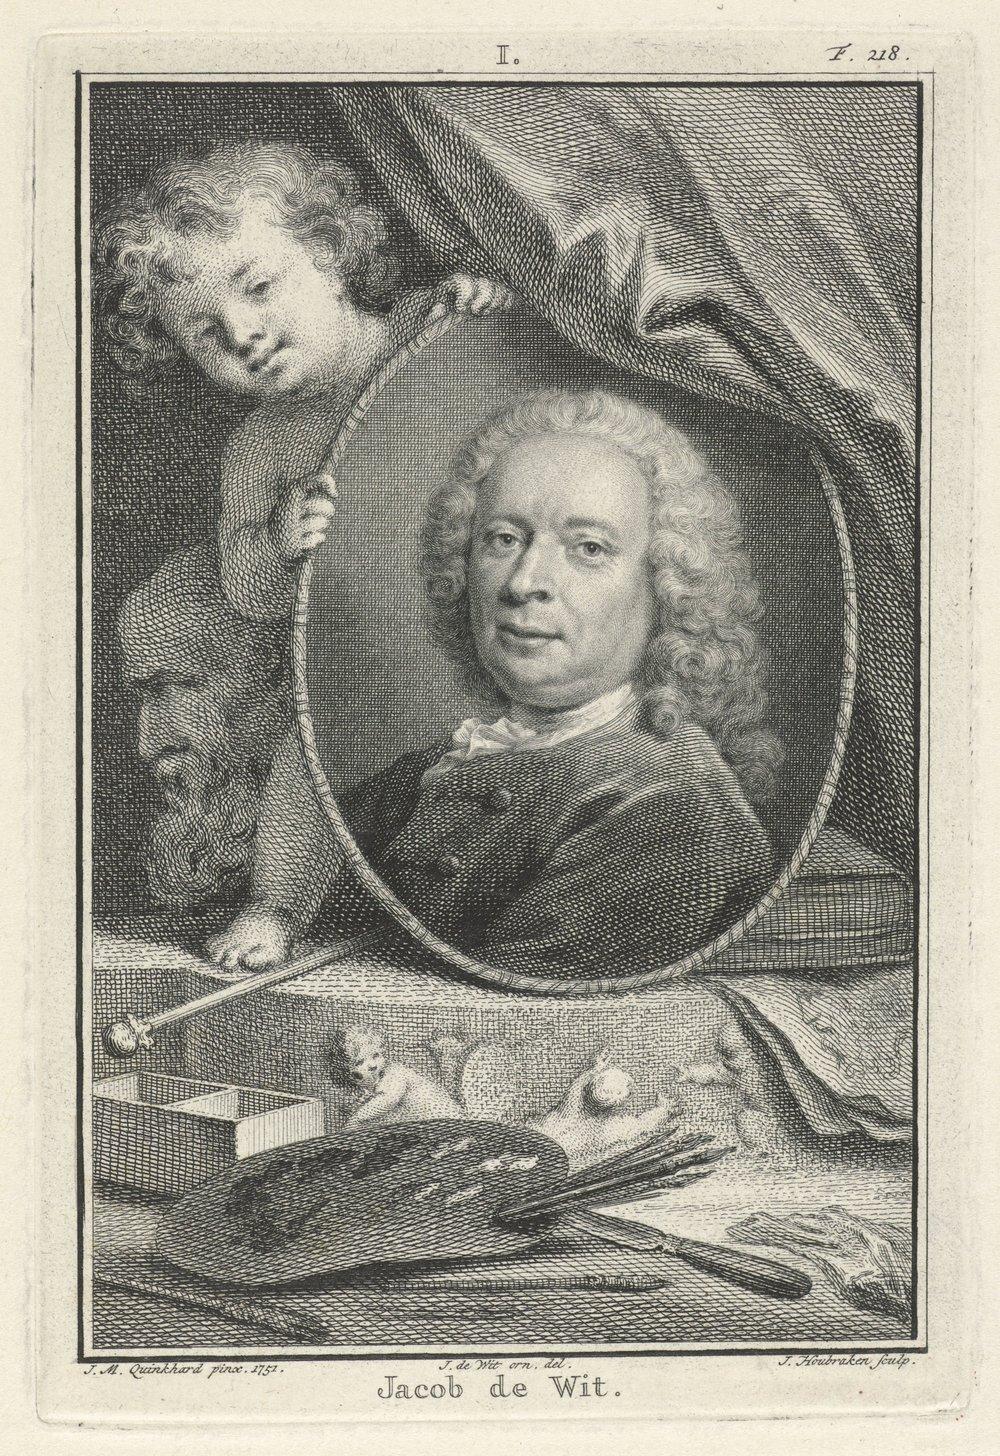 Portret van de kunstenaar Jacob de Wit in een ovaal medaillon dat wordt vastgehouden door een putto. Op de voorgrond liggen schilders-benodigheden. Ets oorspronkelijk gemaakt door Jan Houbraken, 1751. Foto: collectie Rijksmuseum